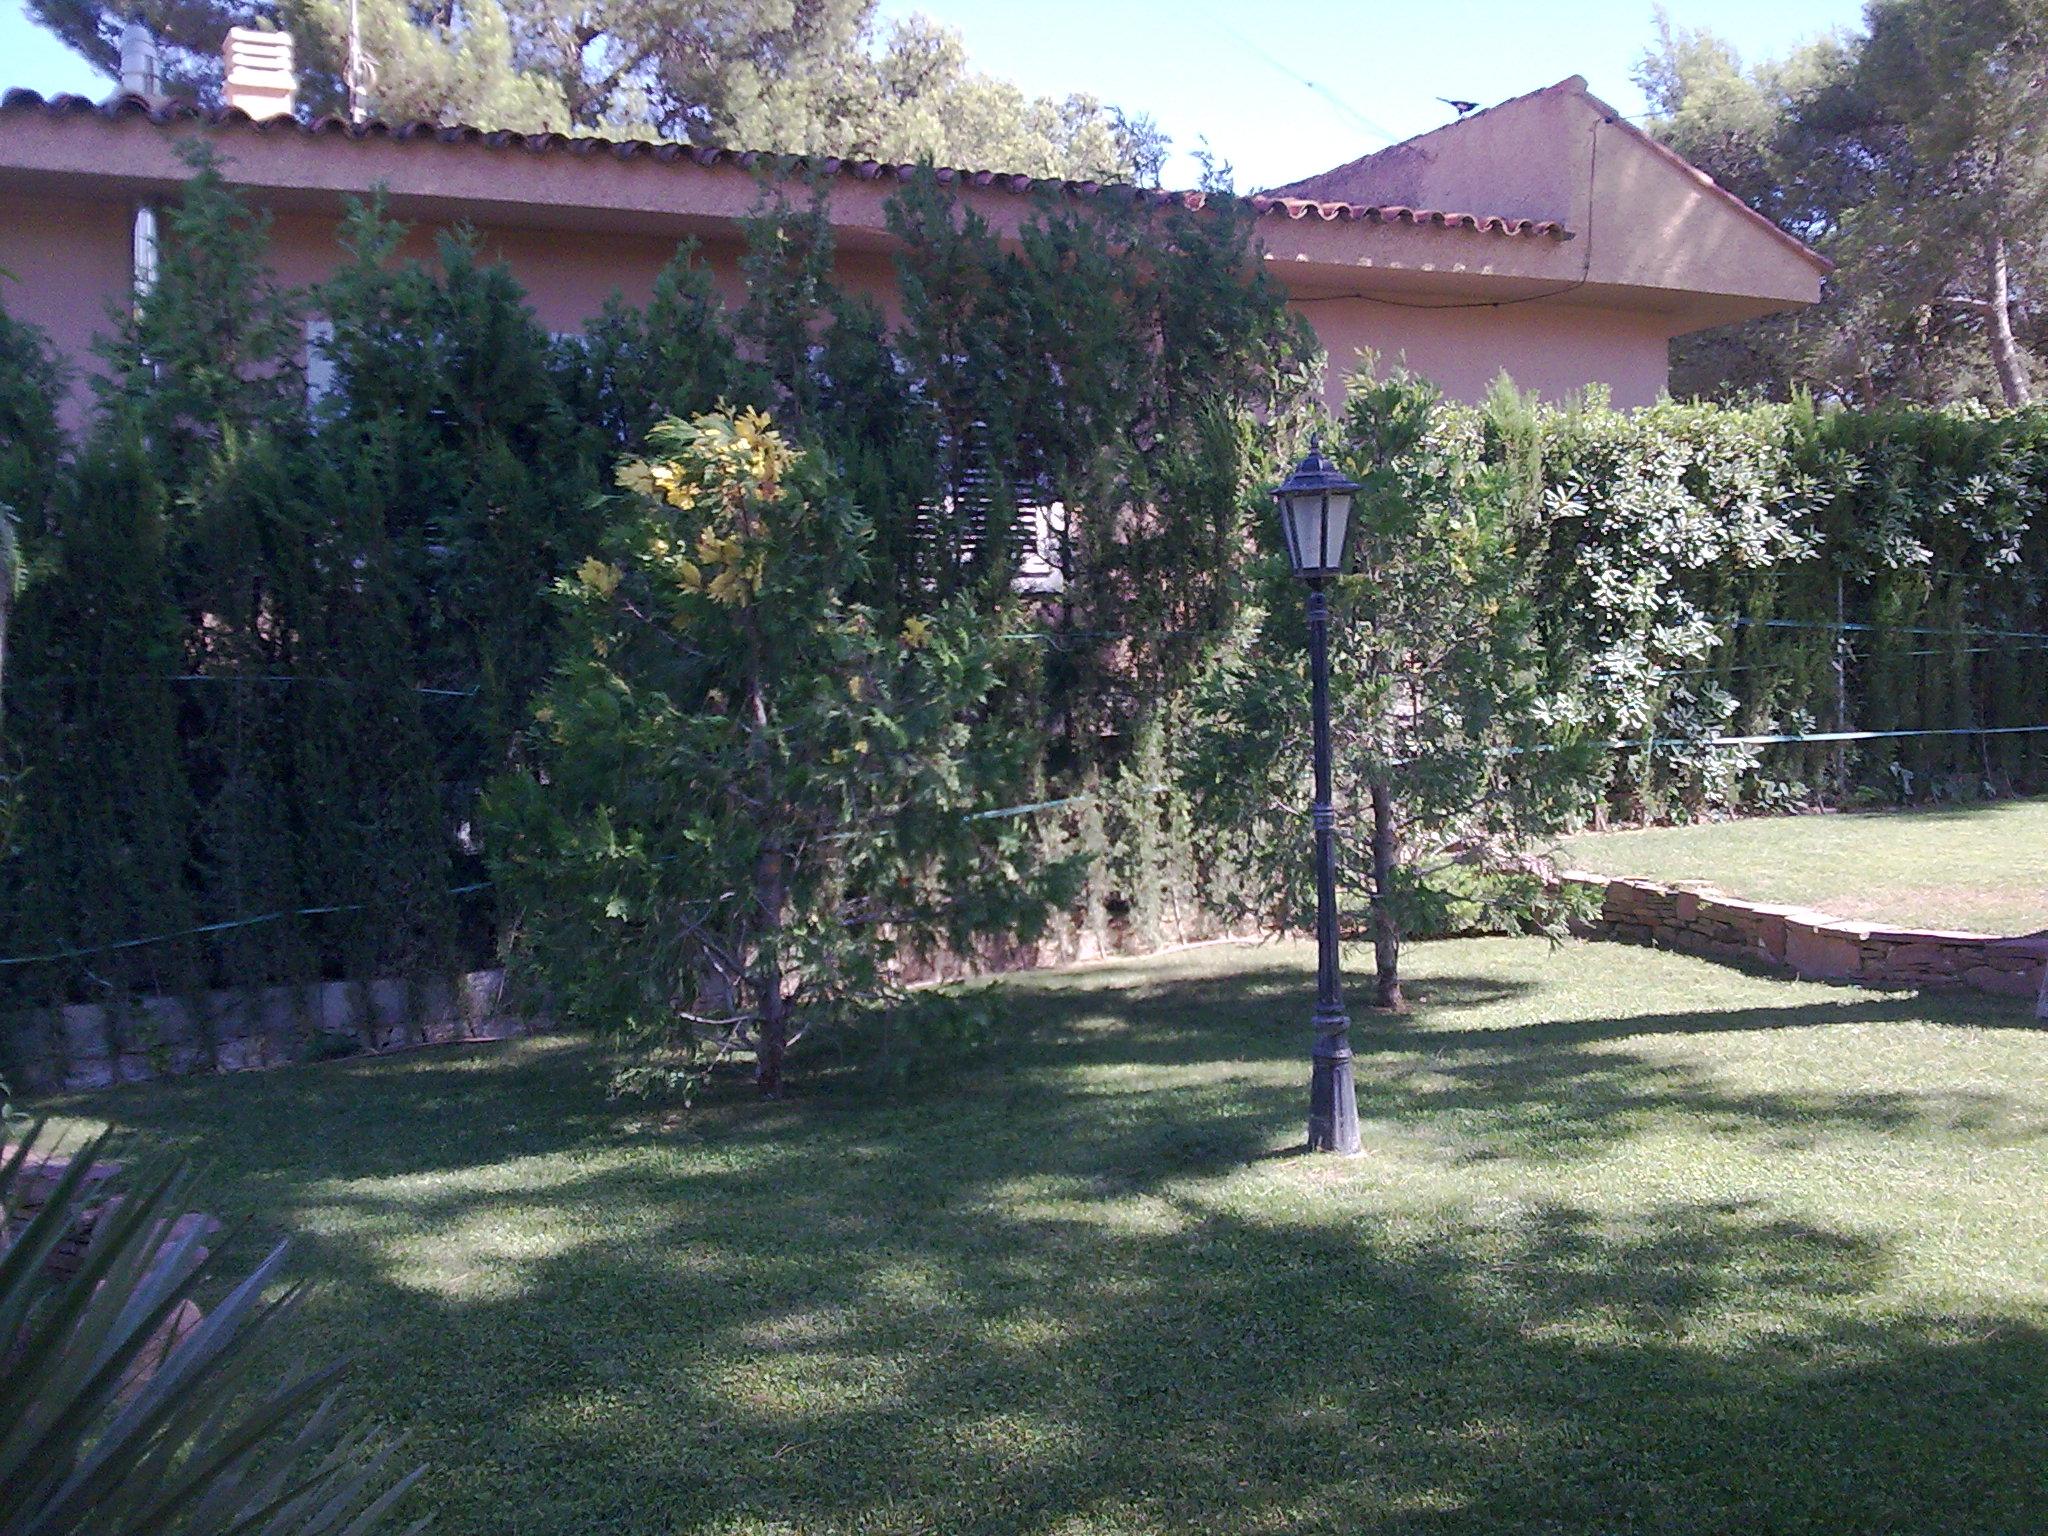 Mantenimiento de jardines valencia jardineria verde - Jardineria villanueva valencia ...